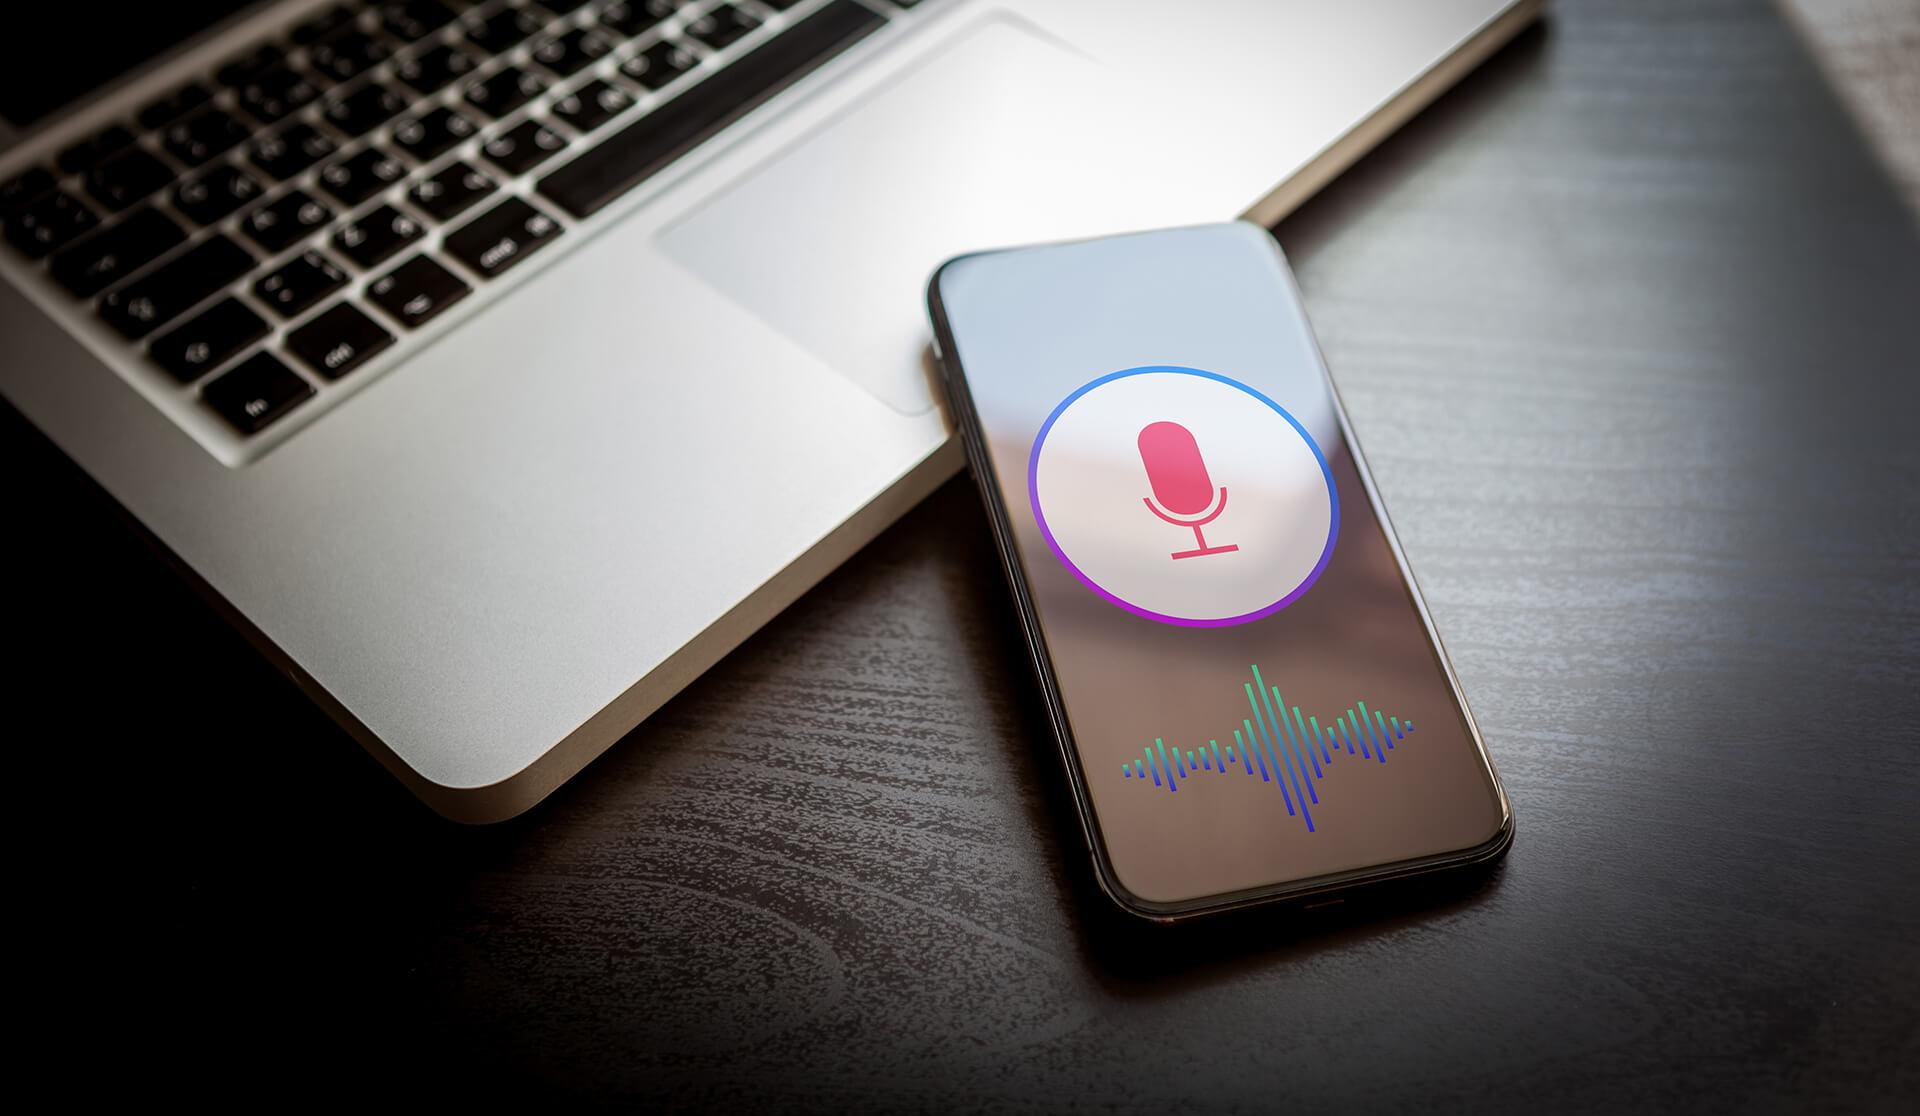 コンタクトセンター業務をツールで効率化!?おすすめ音声認識アプリ5選も紹介!